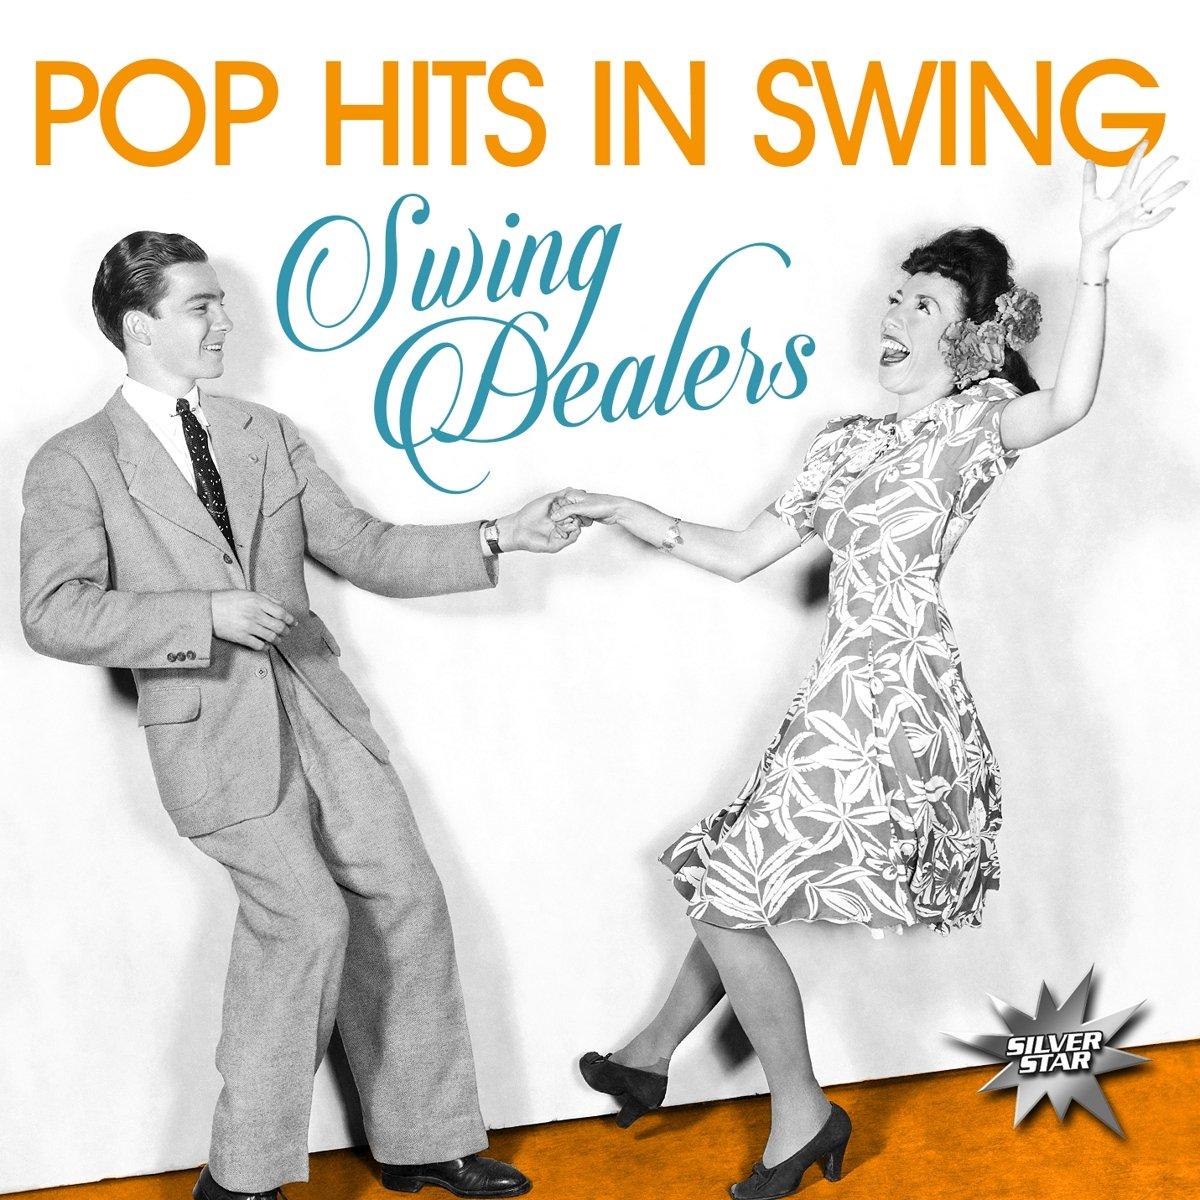 Фото - Swing Dealers Swing Dealers. Pop Hits In Swing v neck belt plaid swing dress